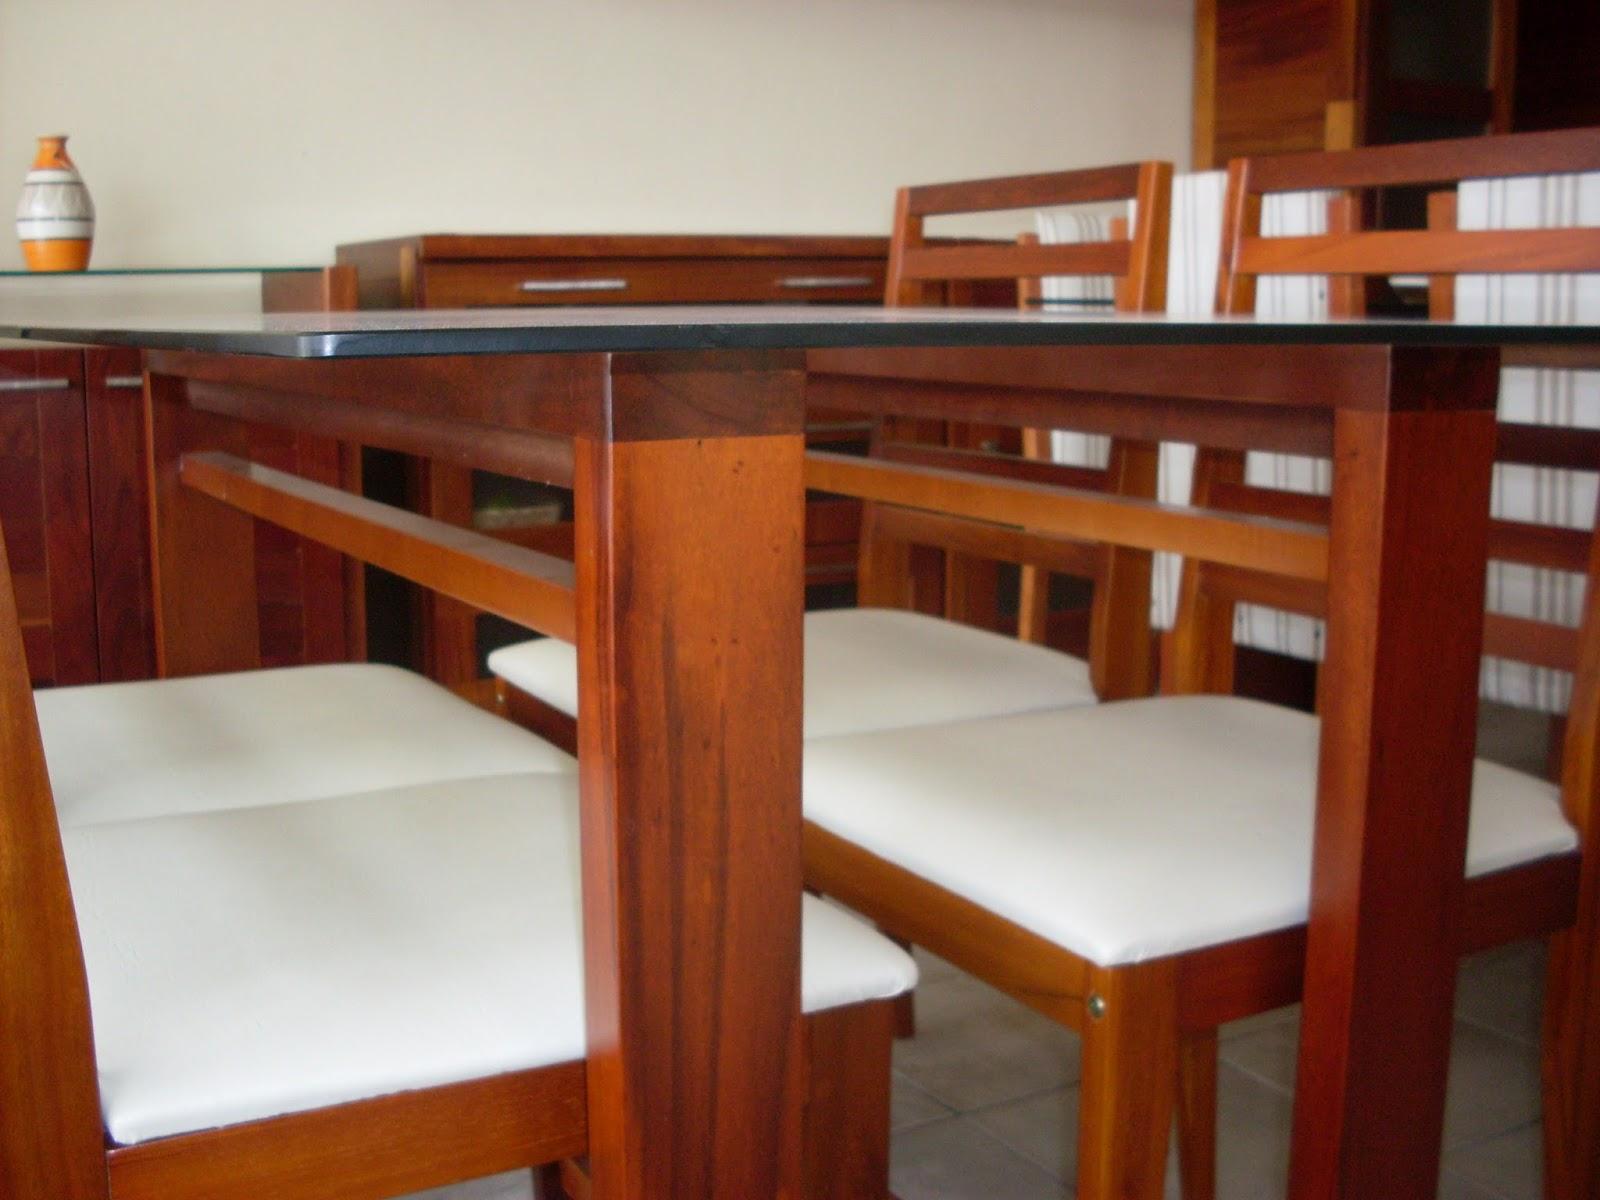 madeira e MDF: Móveis produzidos com reaproveitamento de madeira de #AF4E1C 1600x1200